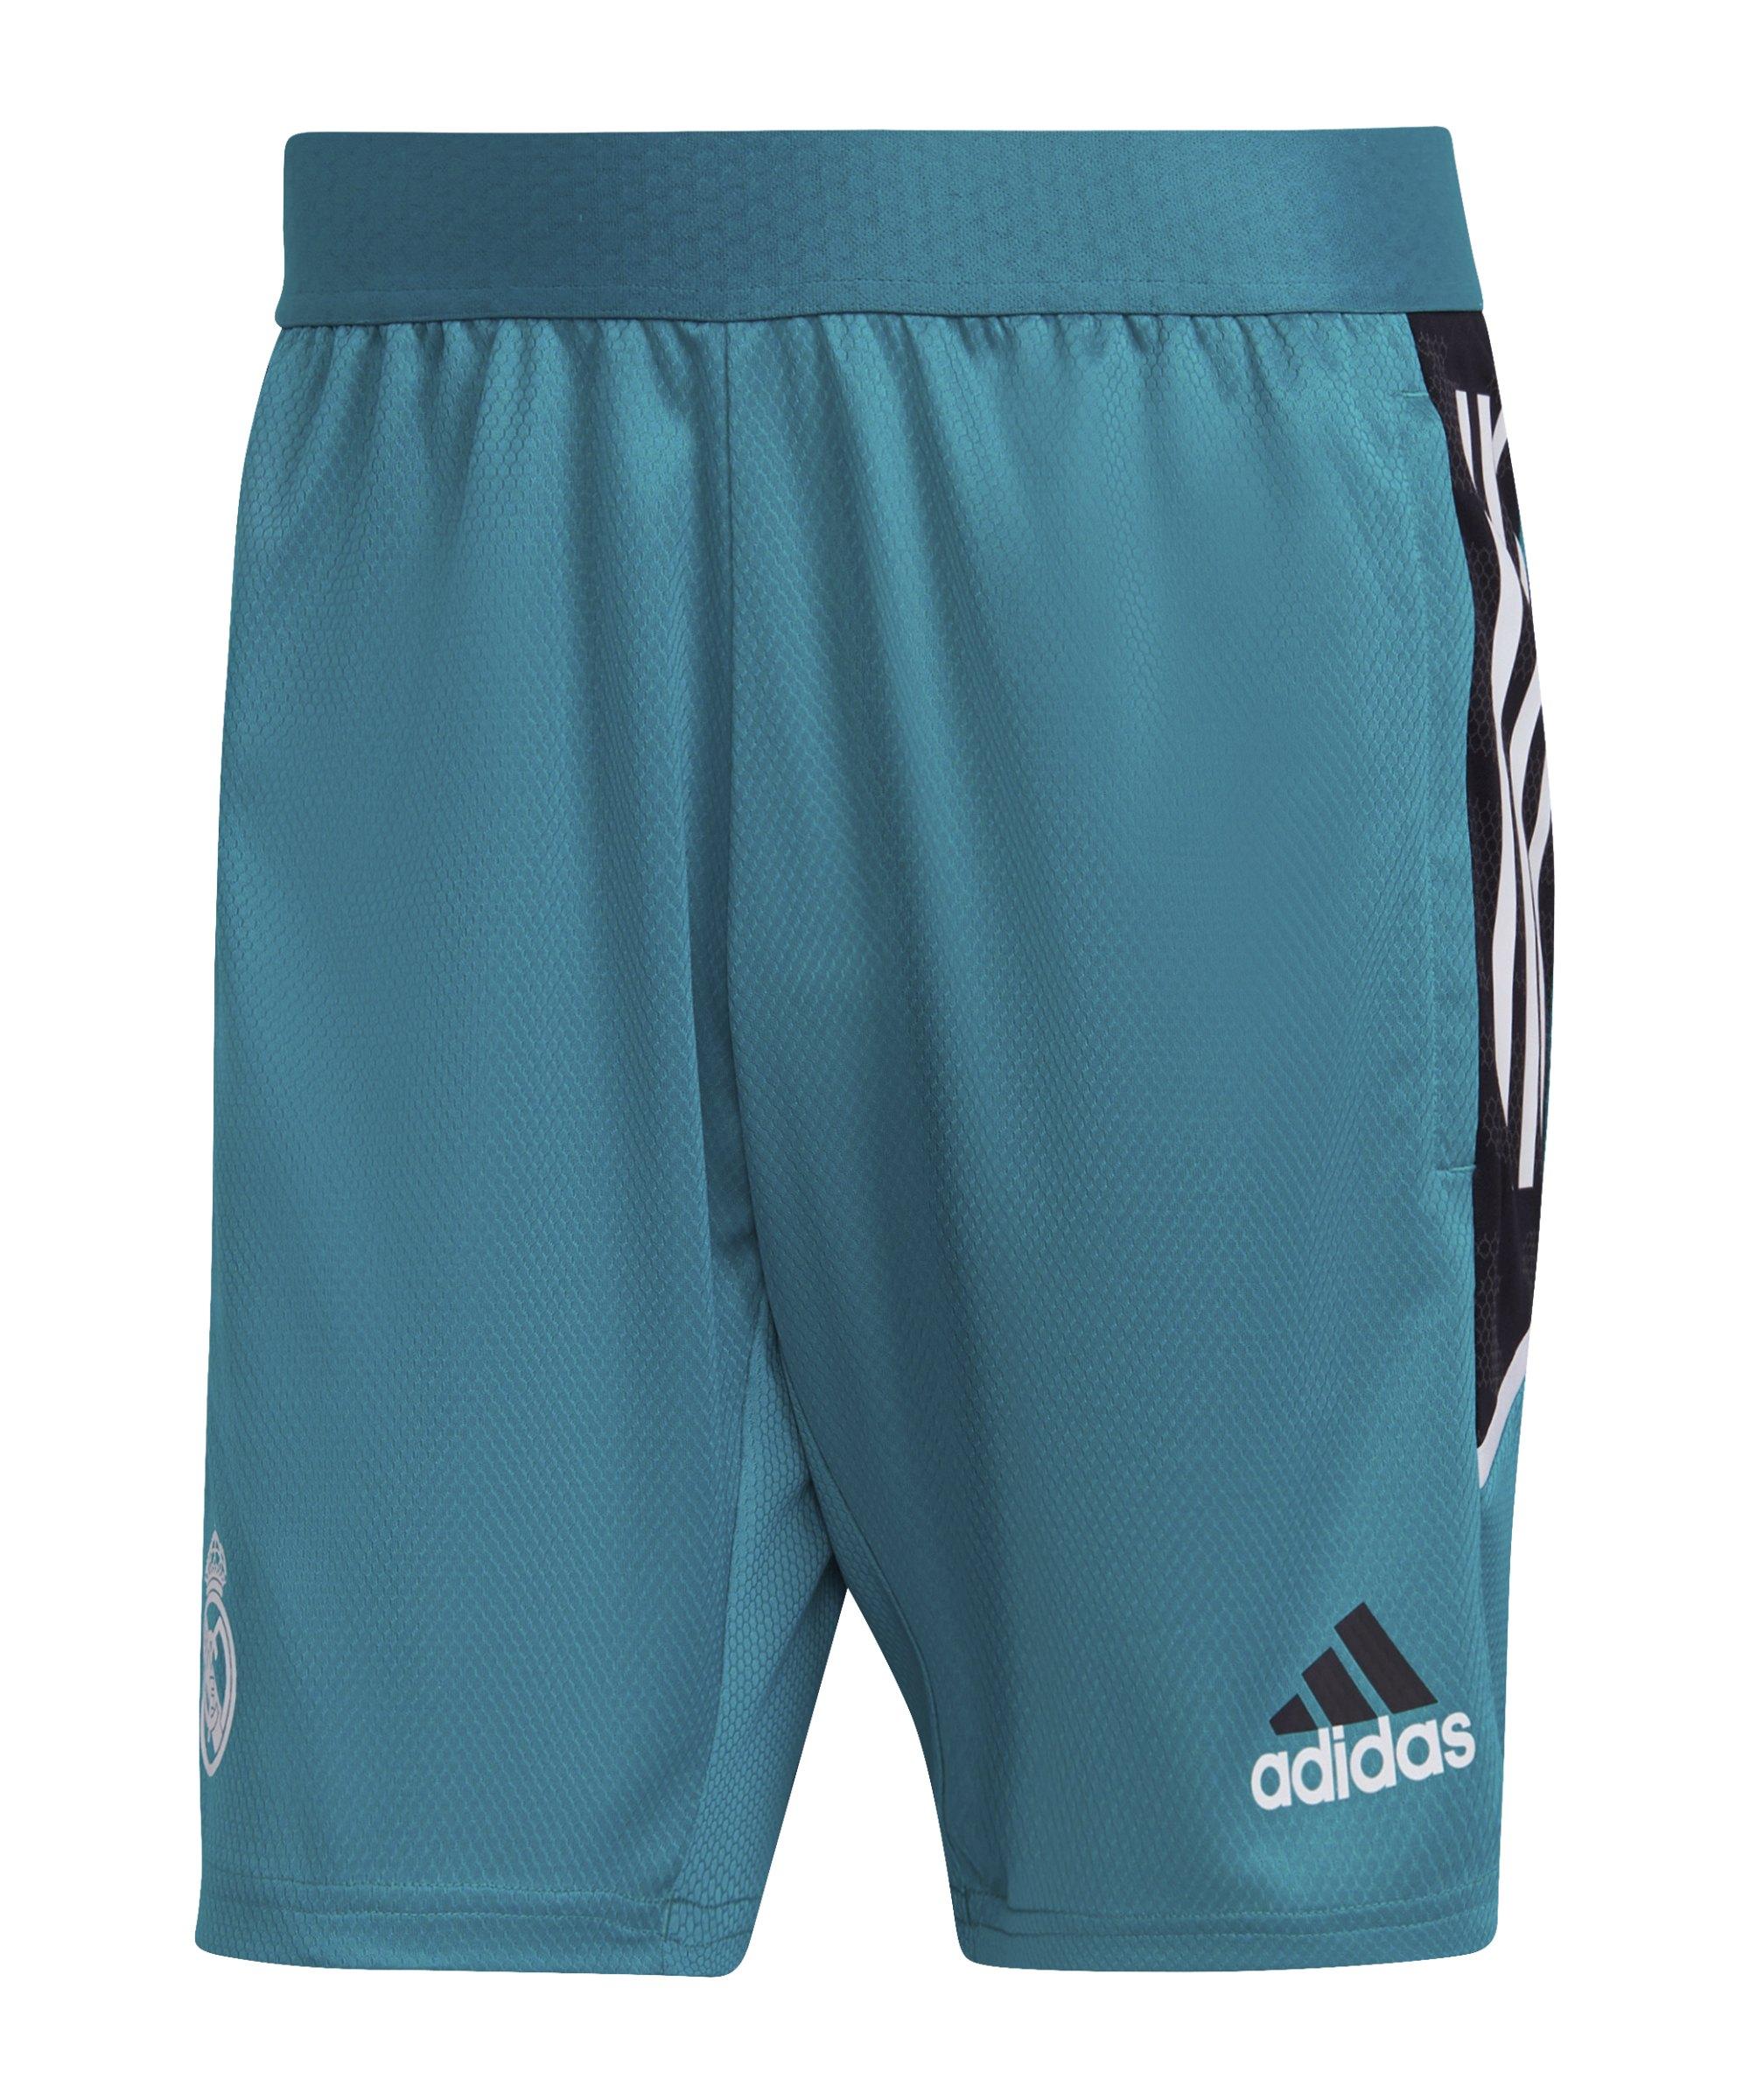 adidas Real Madrid Trainingsshort Grün - gruen